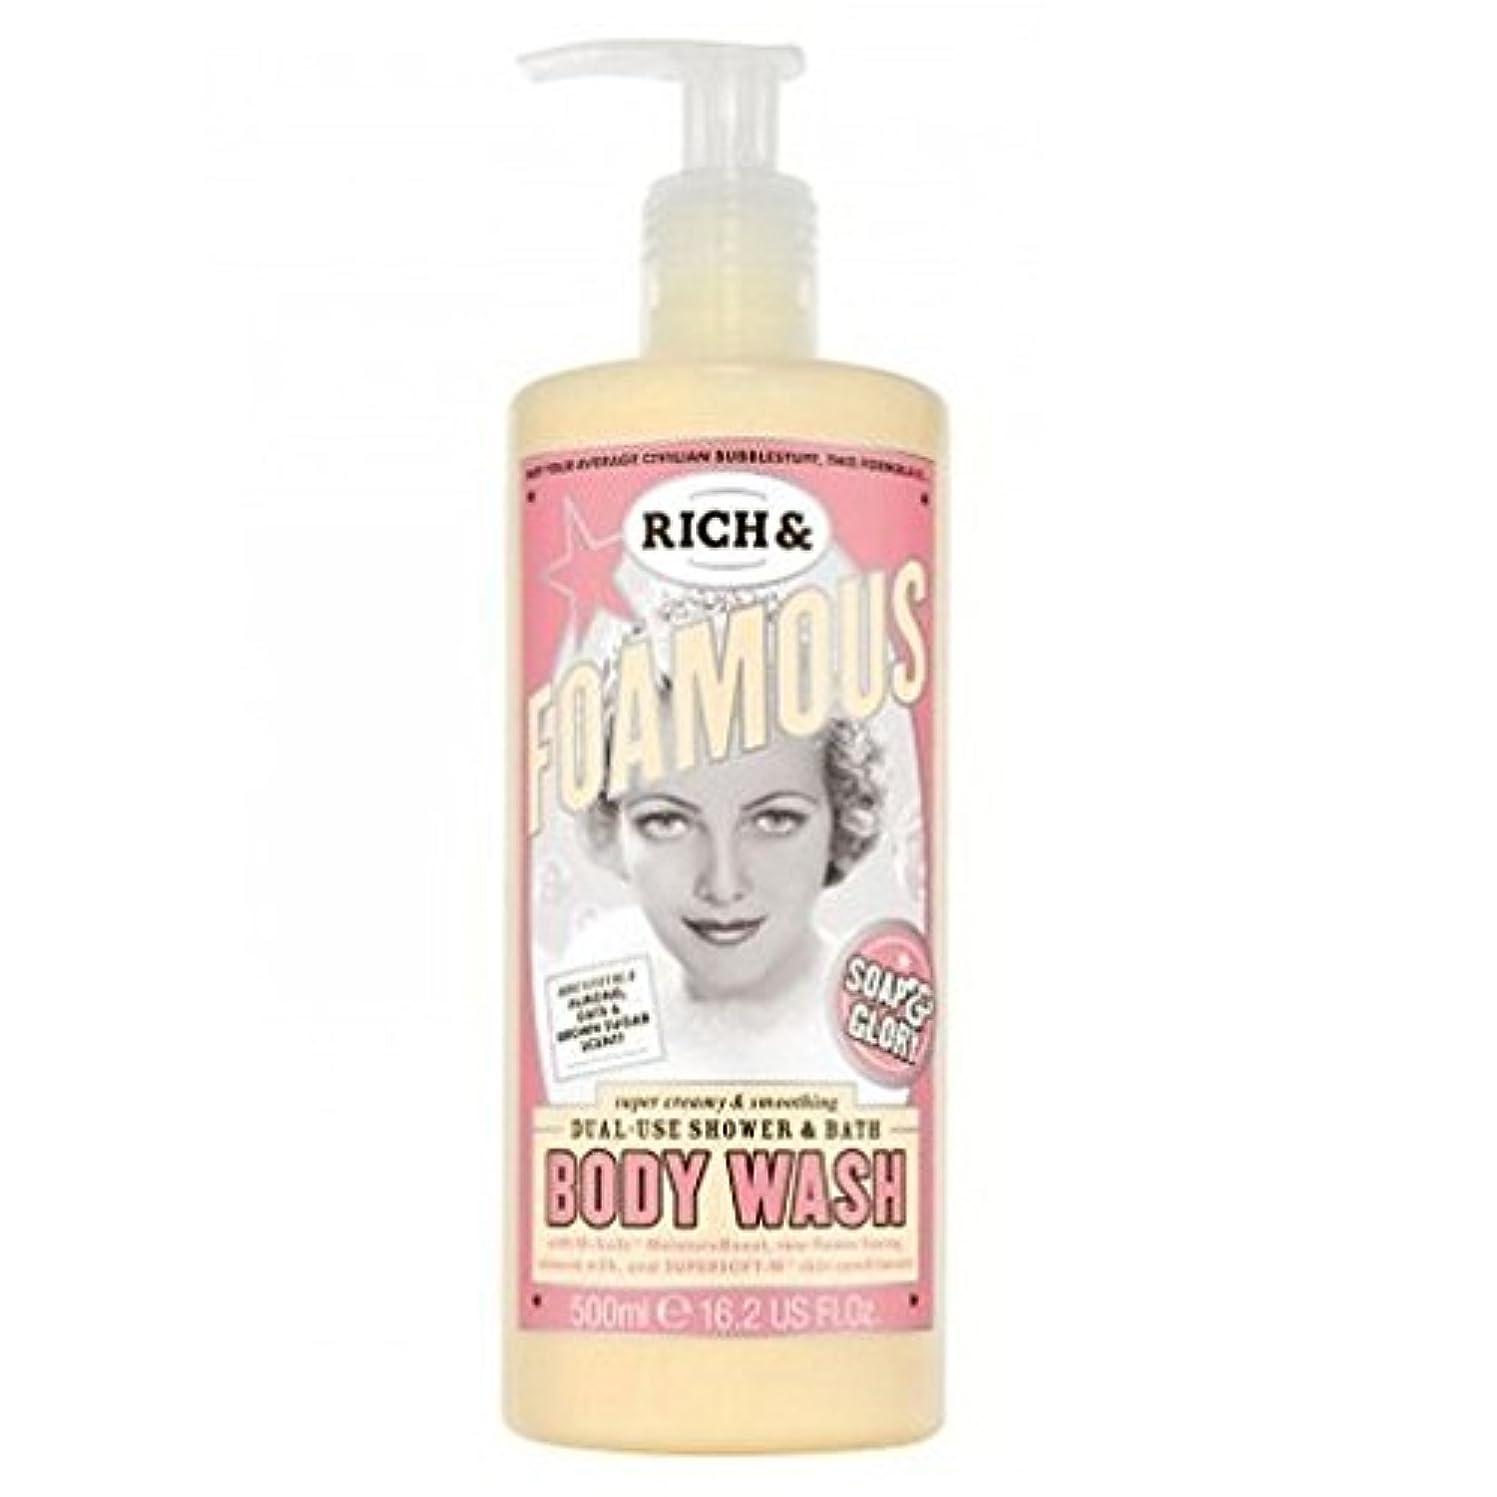 剥離ひもどれでもSoap And Glory Rich And Famous Dual Use Shower And Bath Body Wash 500ml